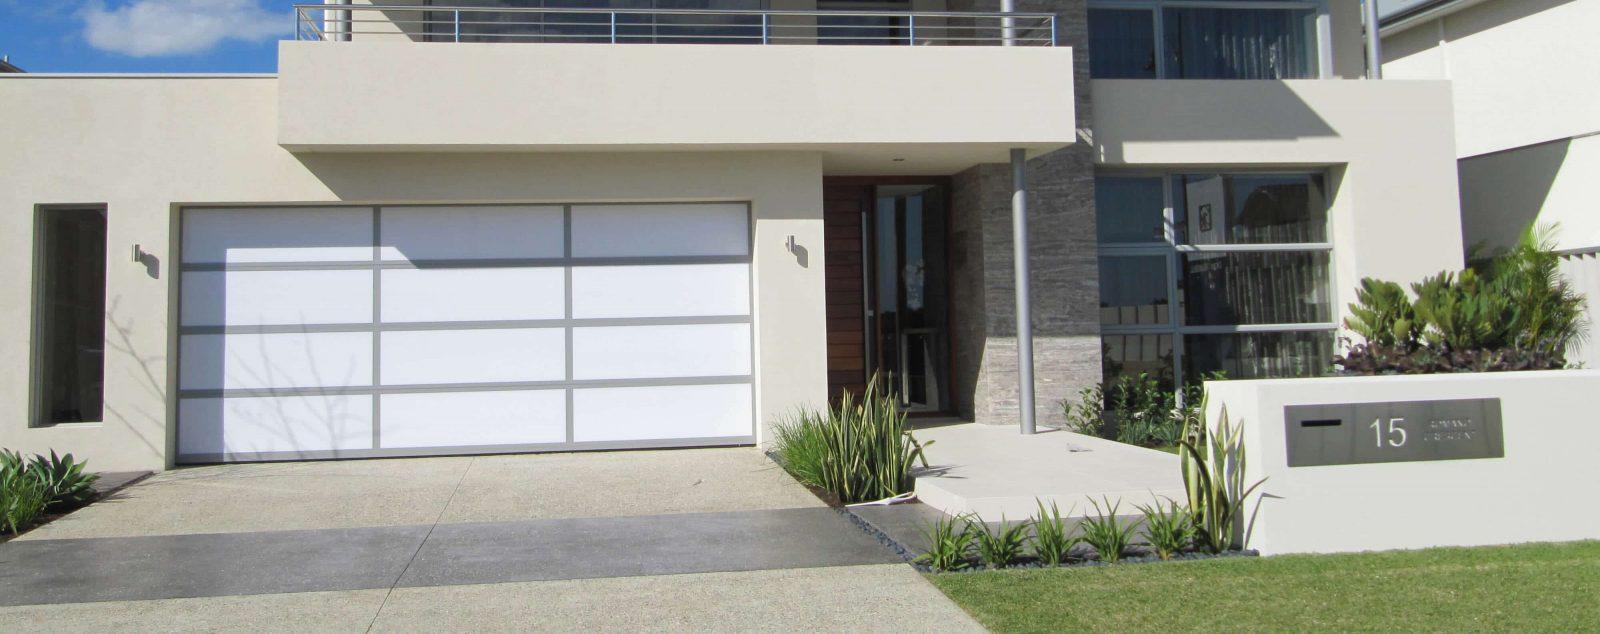 Steel-Line Garage Door